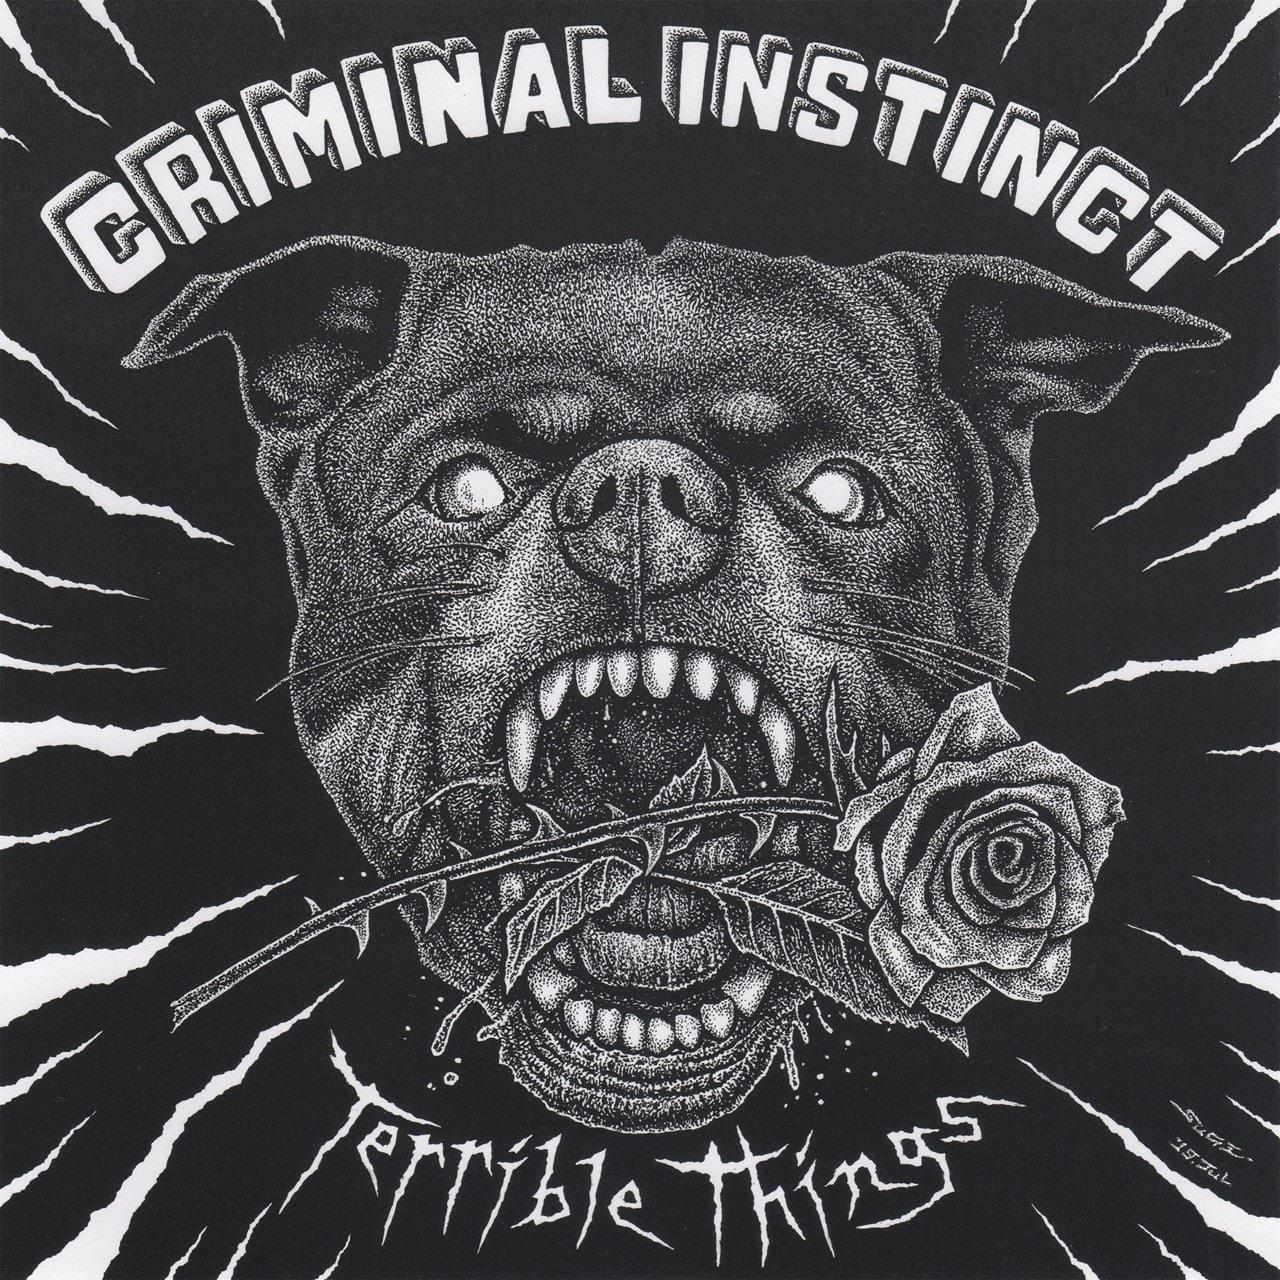 Terrible Things - 1